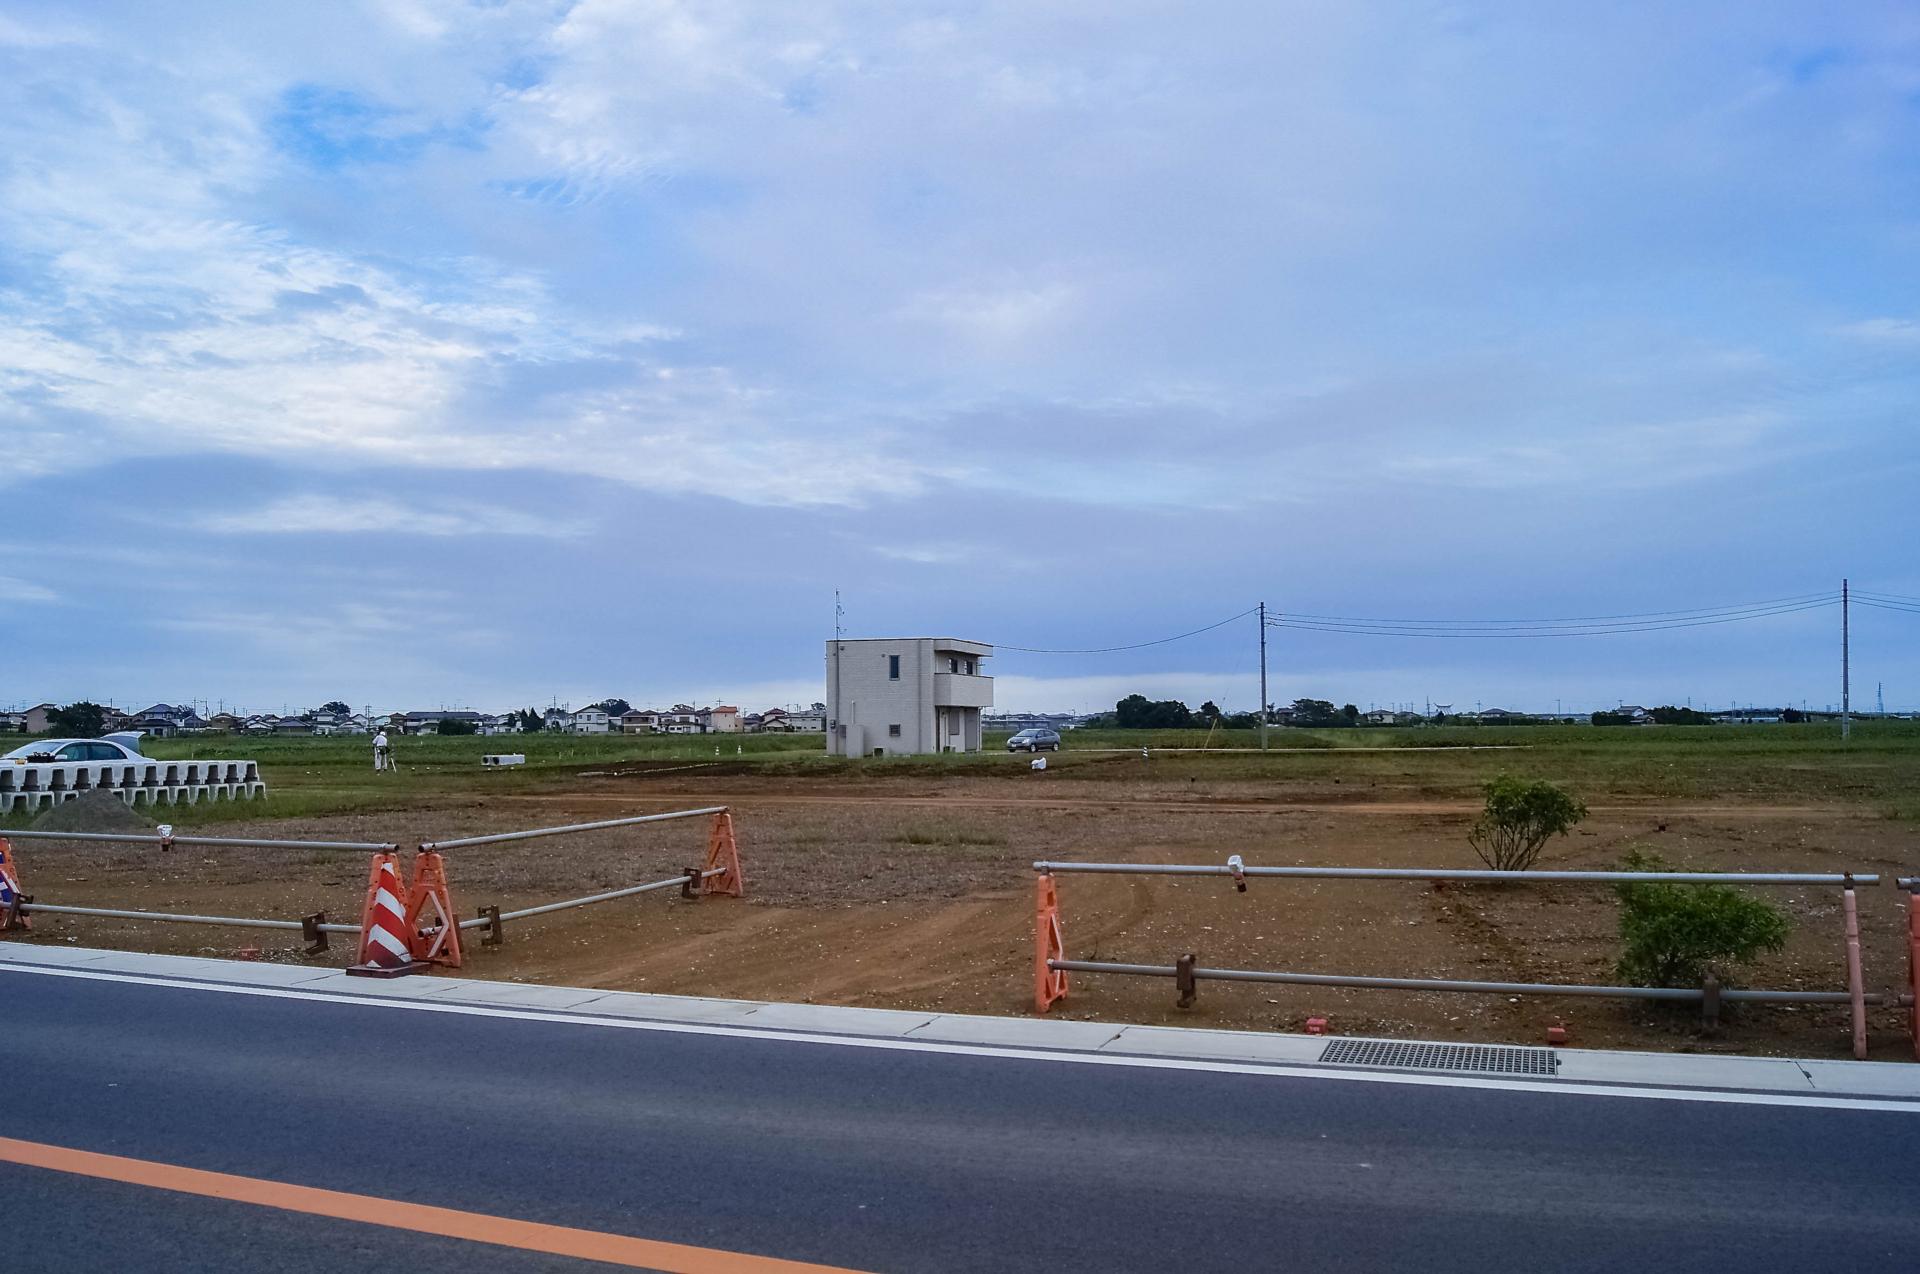 f:id:akichiniiko:20170421162437j:plain